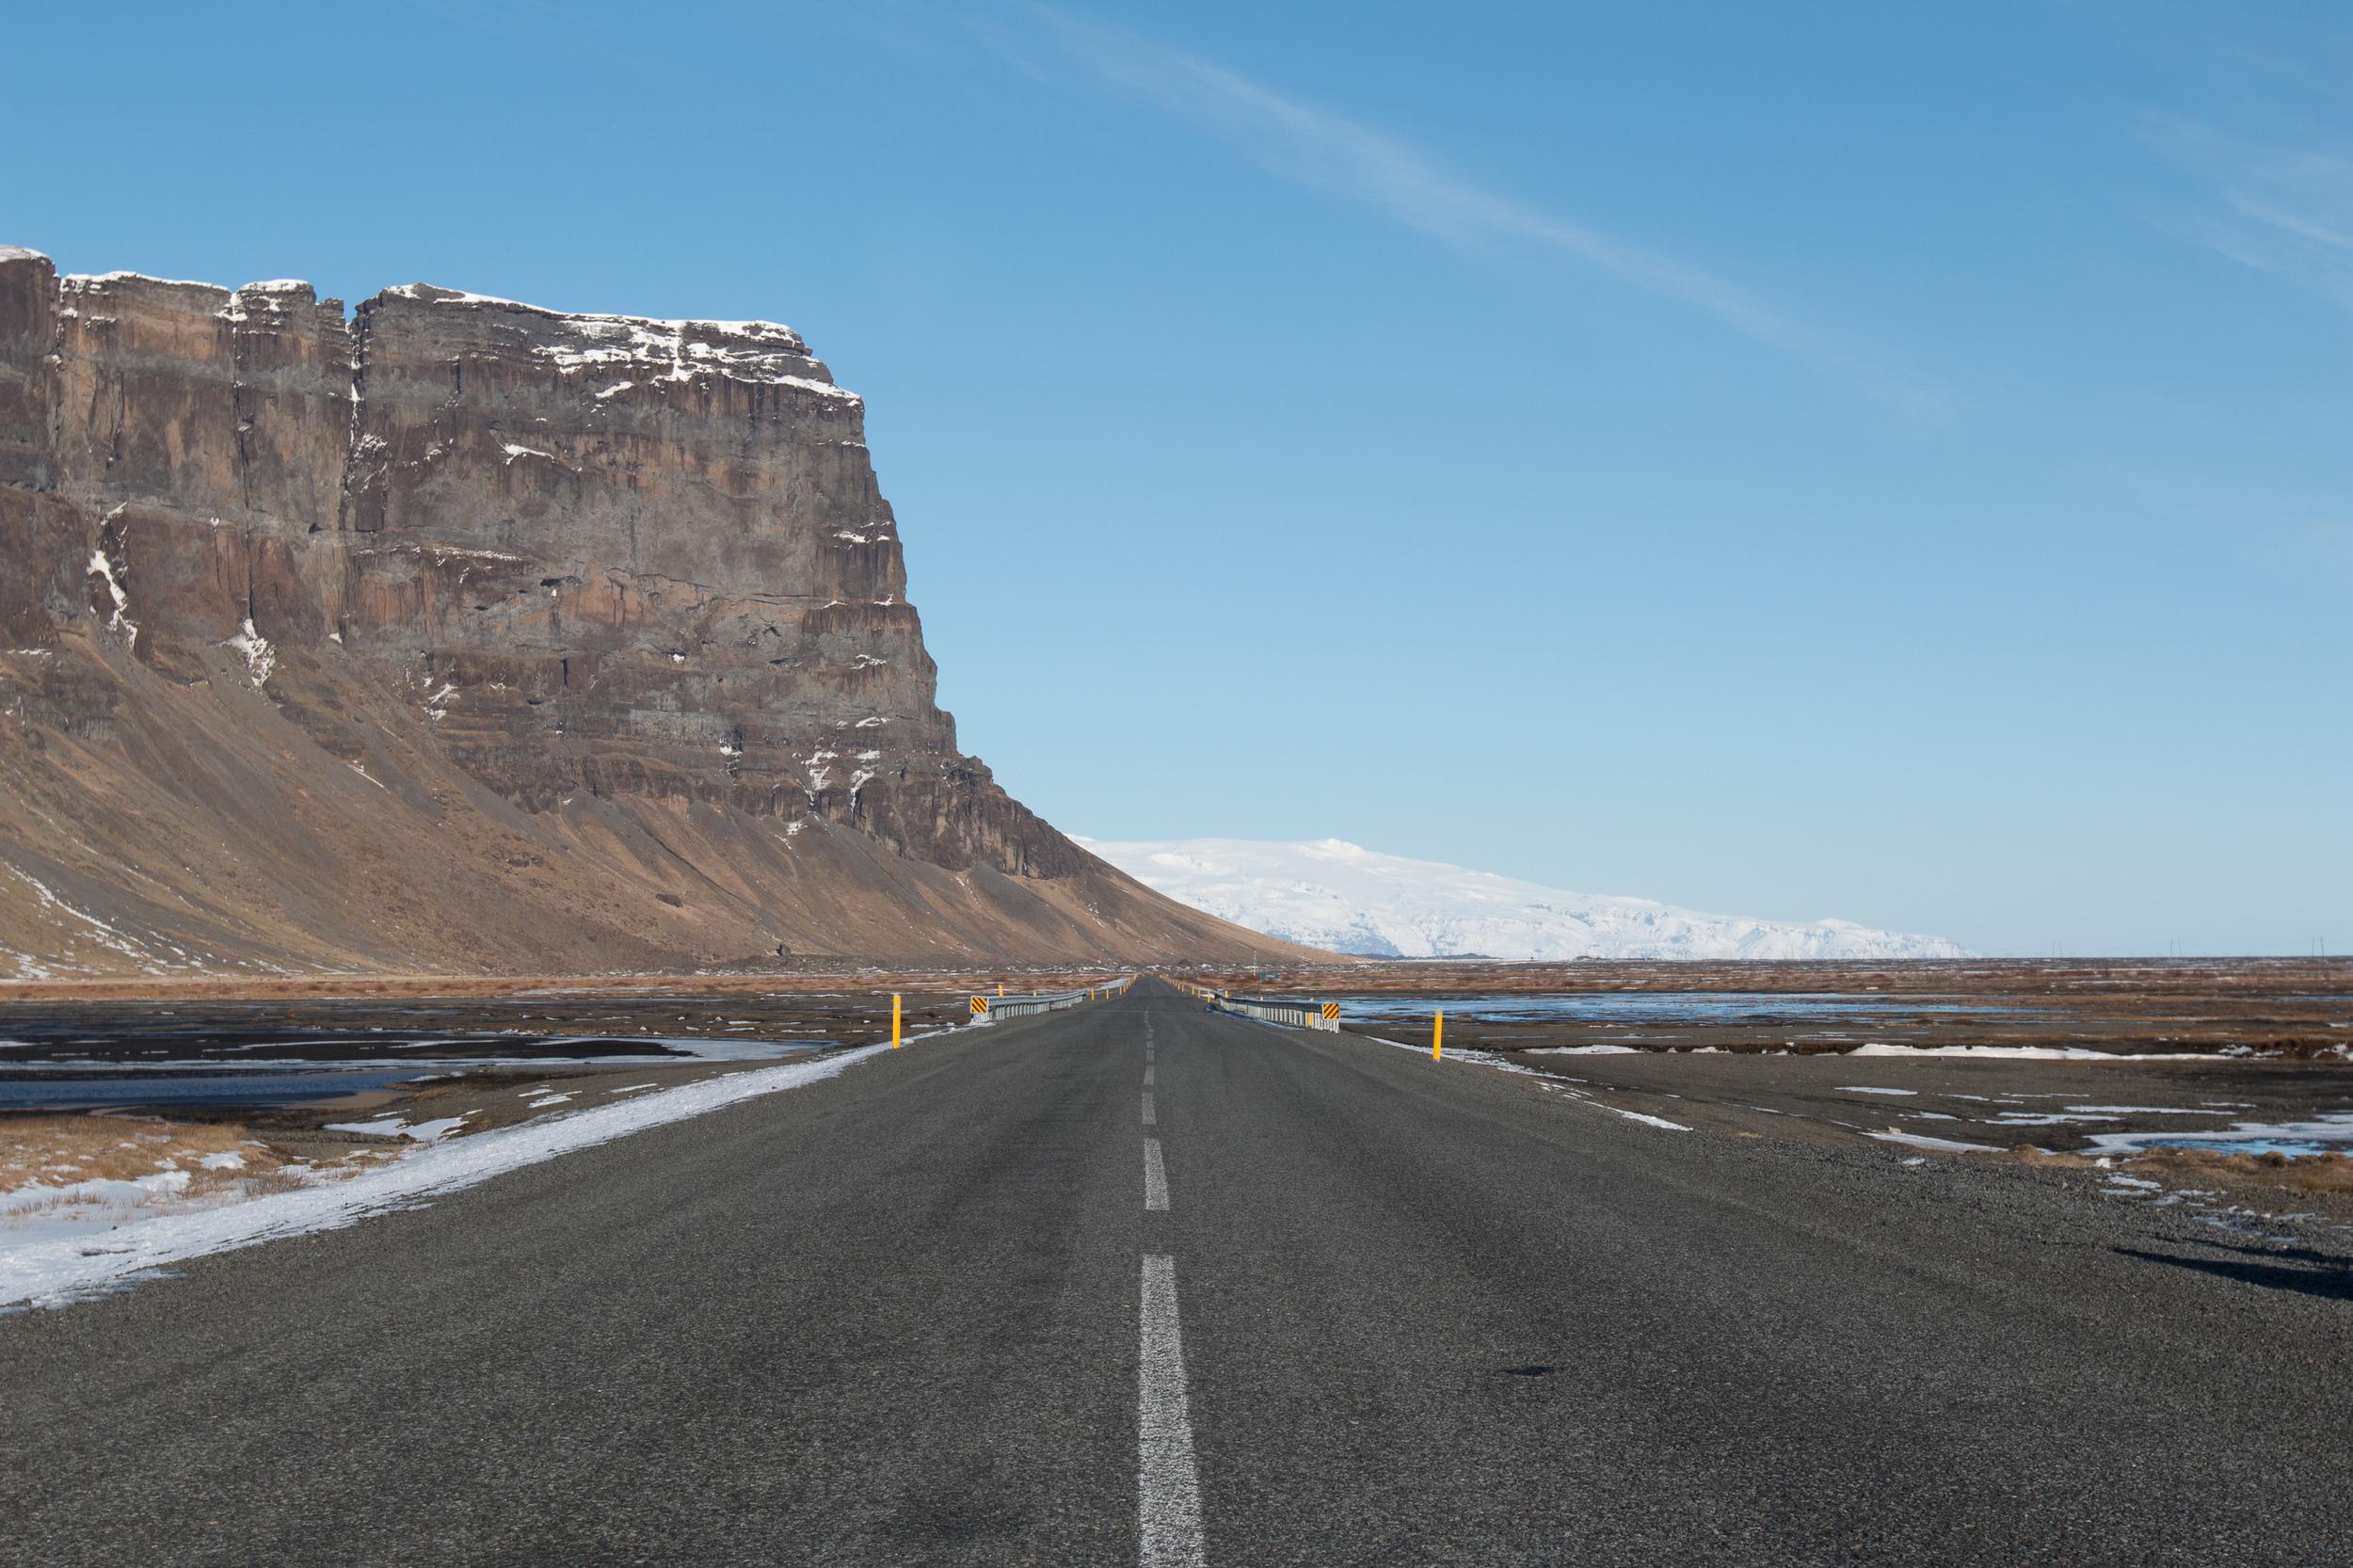 Lómagnúpur Mountain